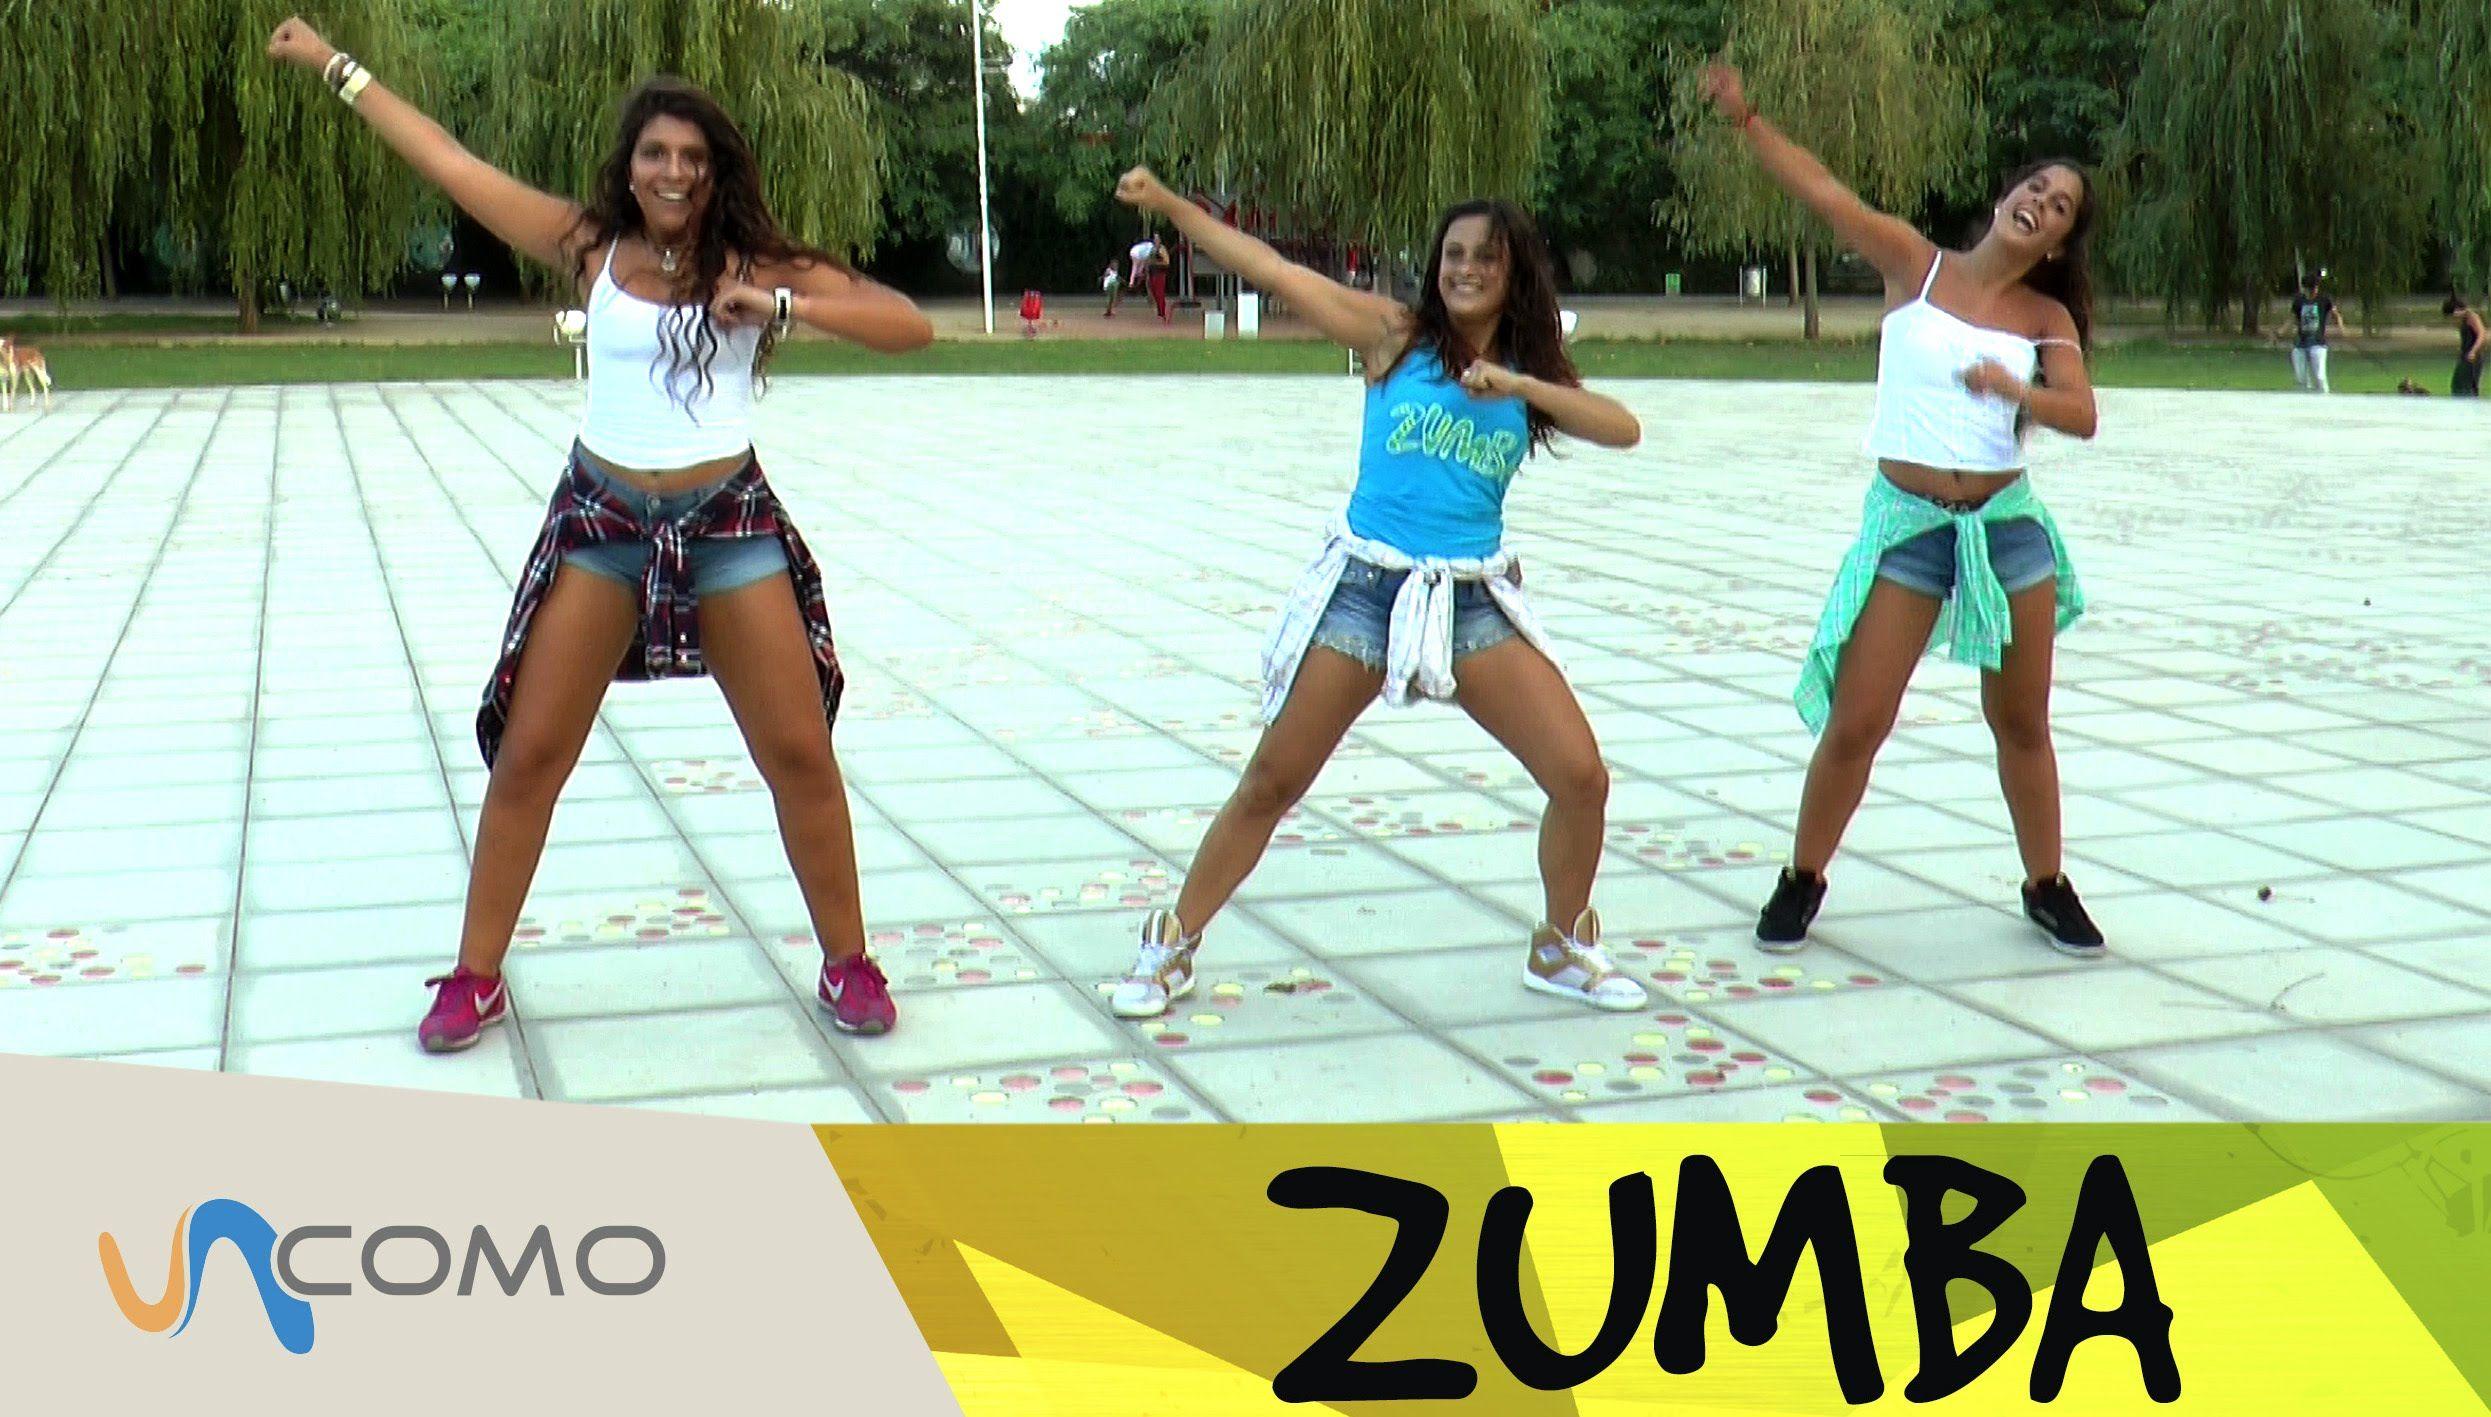 Zumba reggaeton para ponerse en forma zumba pinterest - Videos de zumba para hacer en casa ...